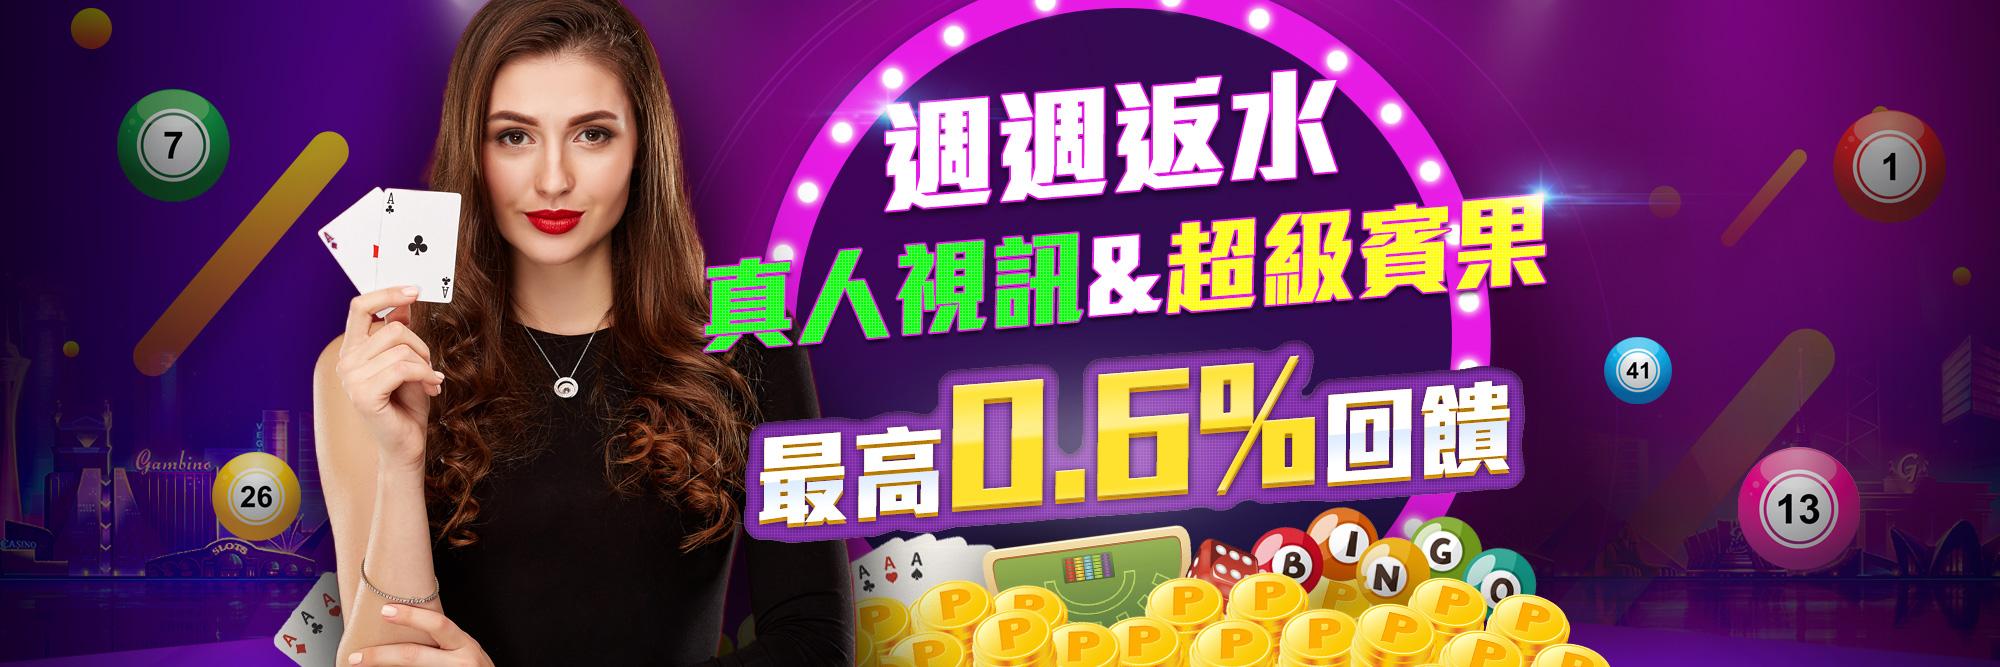 線上賭場手機遊戲推薦 御皇線上博弈平台